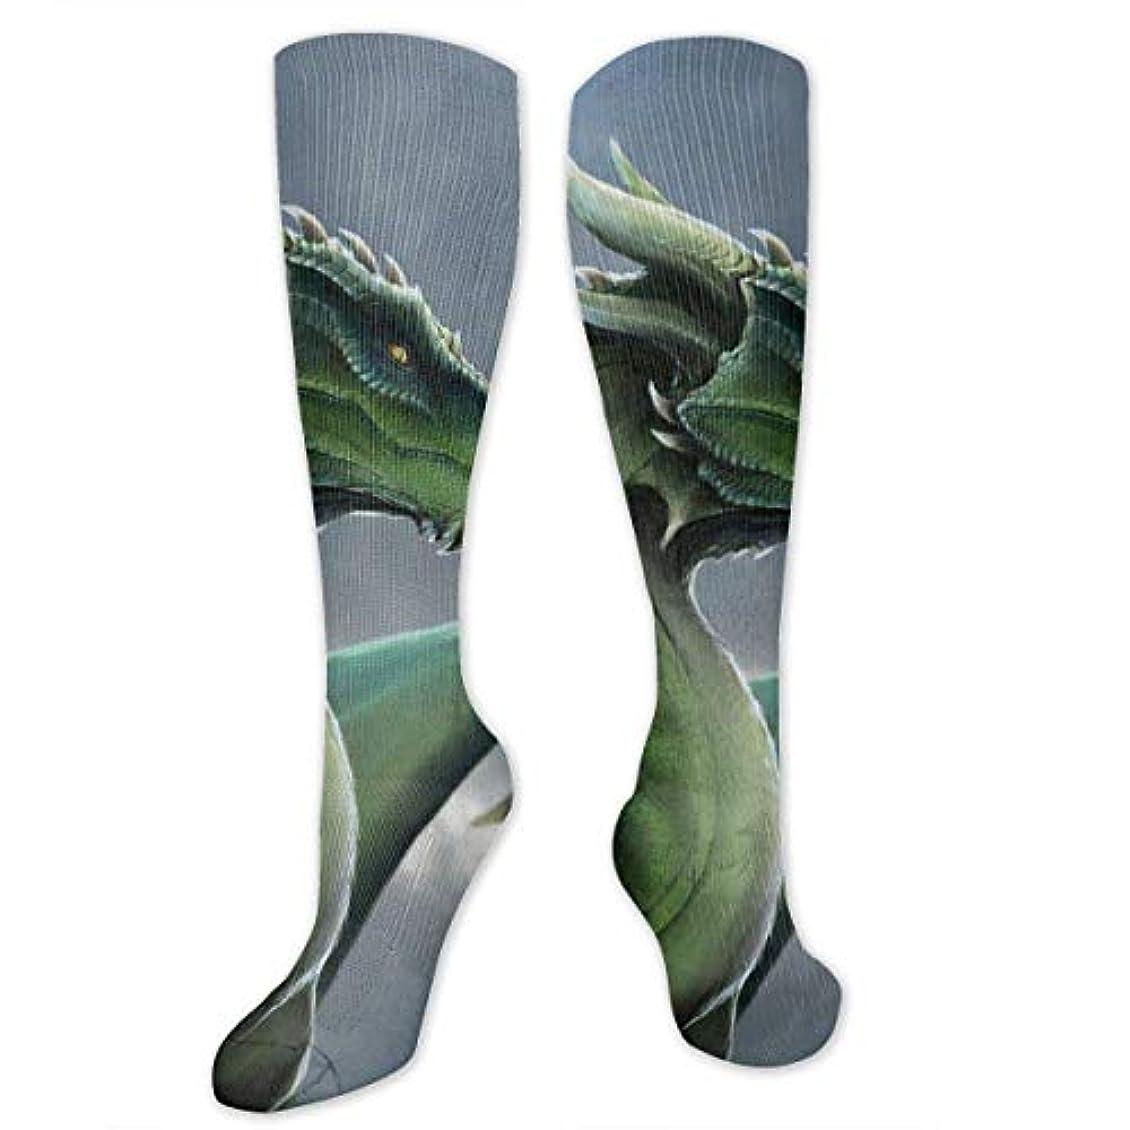 振動するレポートを書くピッチャーqririyユニセックスカラフルドレスソックス、グリーンドラゴン、冬ソフトコージー暖かい靴下かわいい面白いクルーコットンソックス1パック